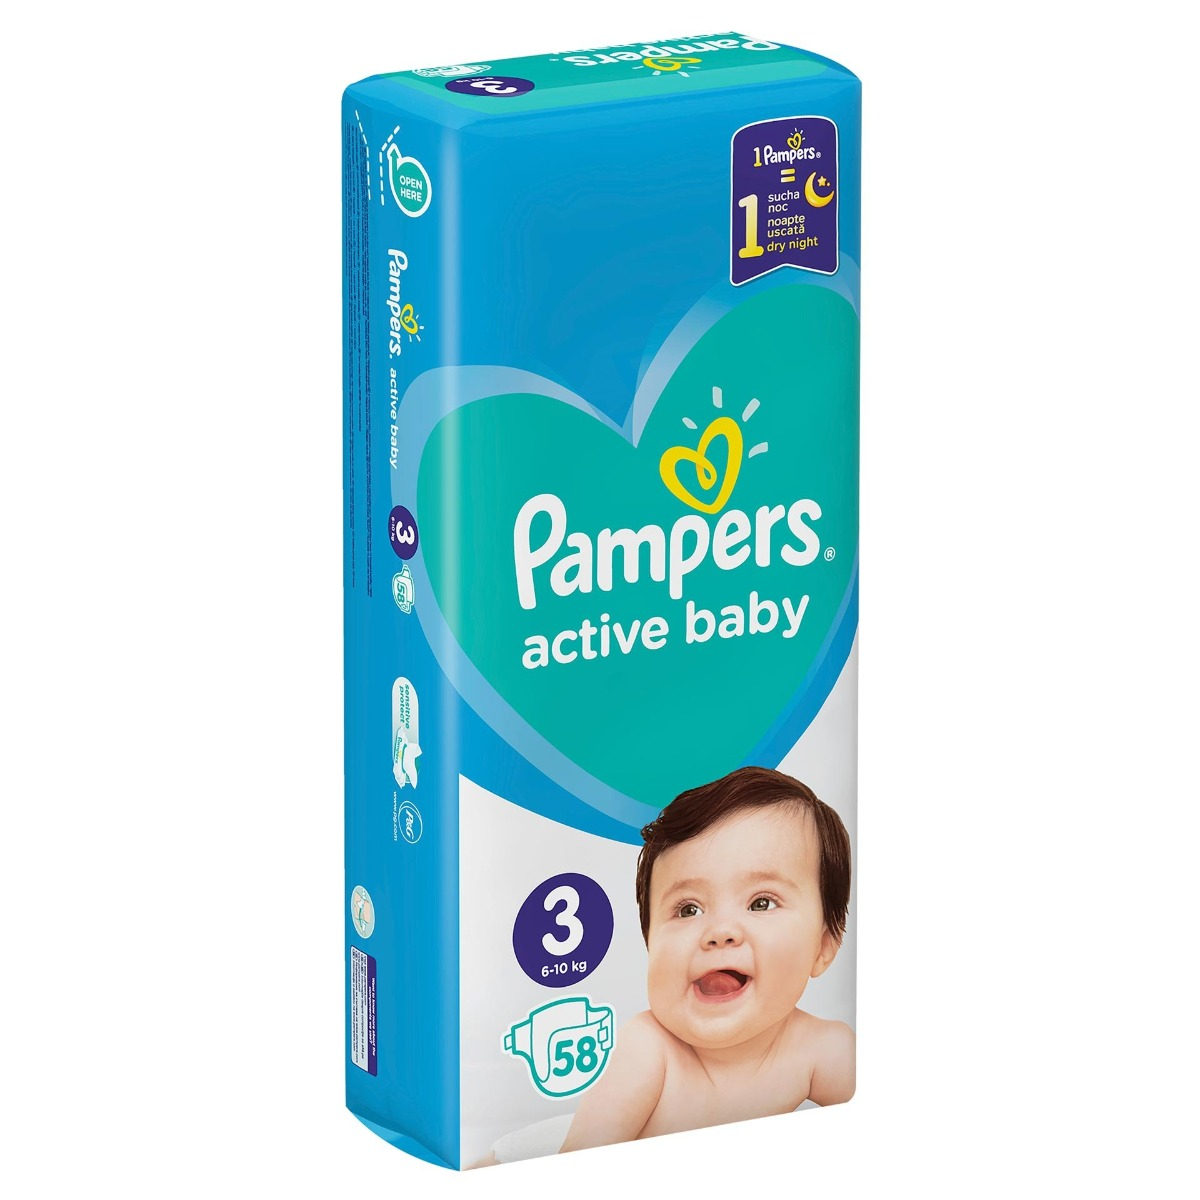 Scutece Active Baby Giant Pack marimea 3 pentru 6-10kg, 58 bucati, Pampers